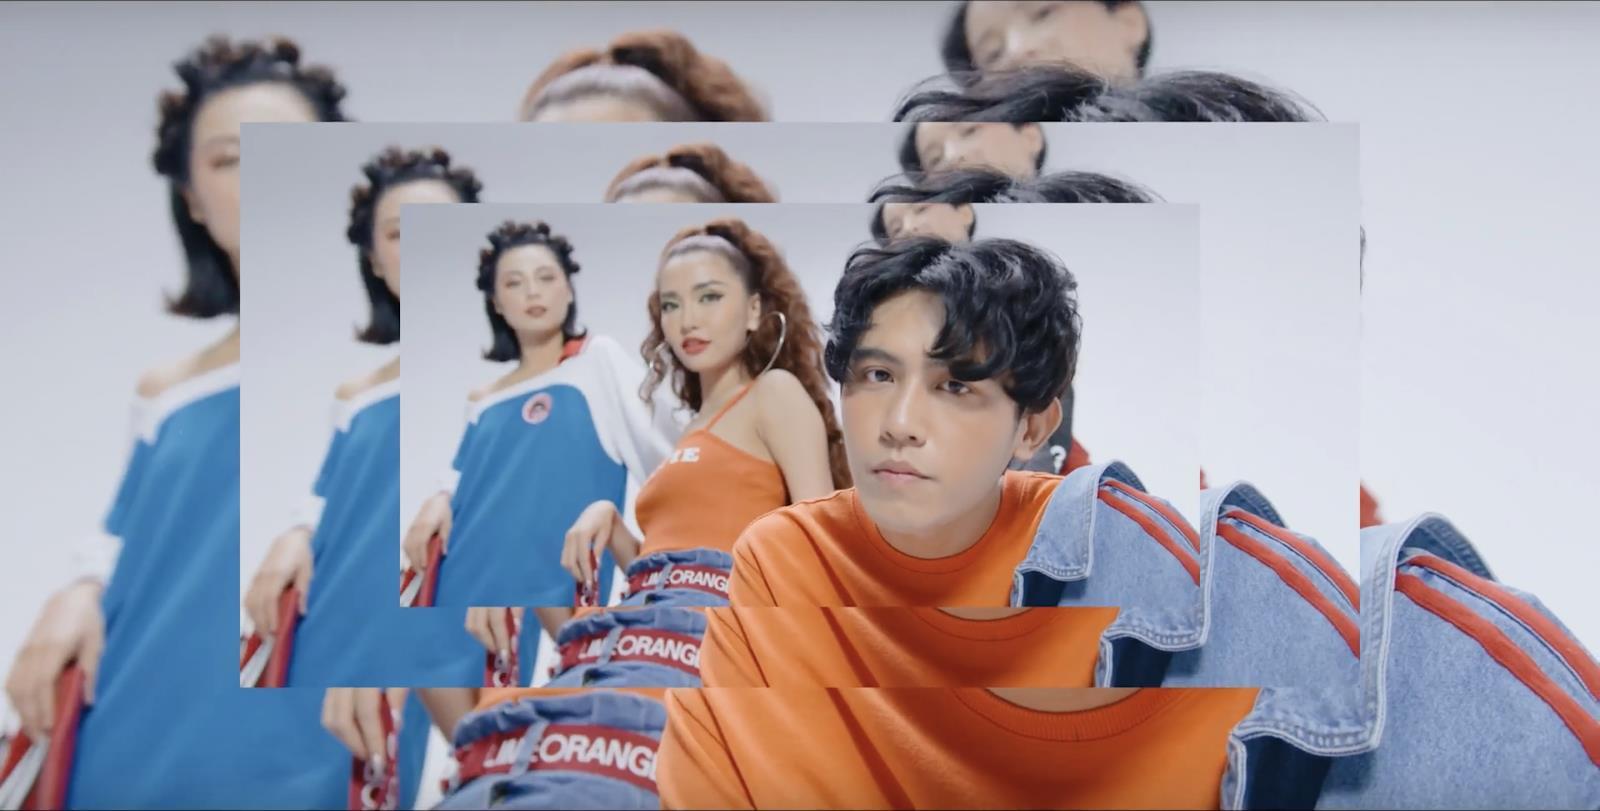 Bích Phương lại tiếp tục cùng hãng bánh tuổi thơ gây sốt với videography thời trang đốn tim fan - Ảnh 5.